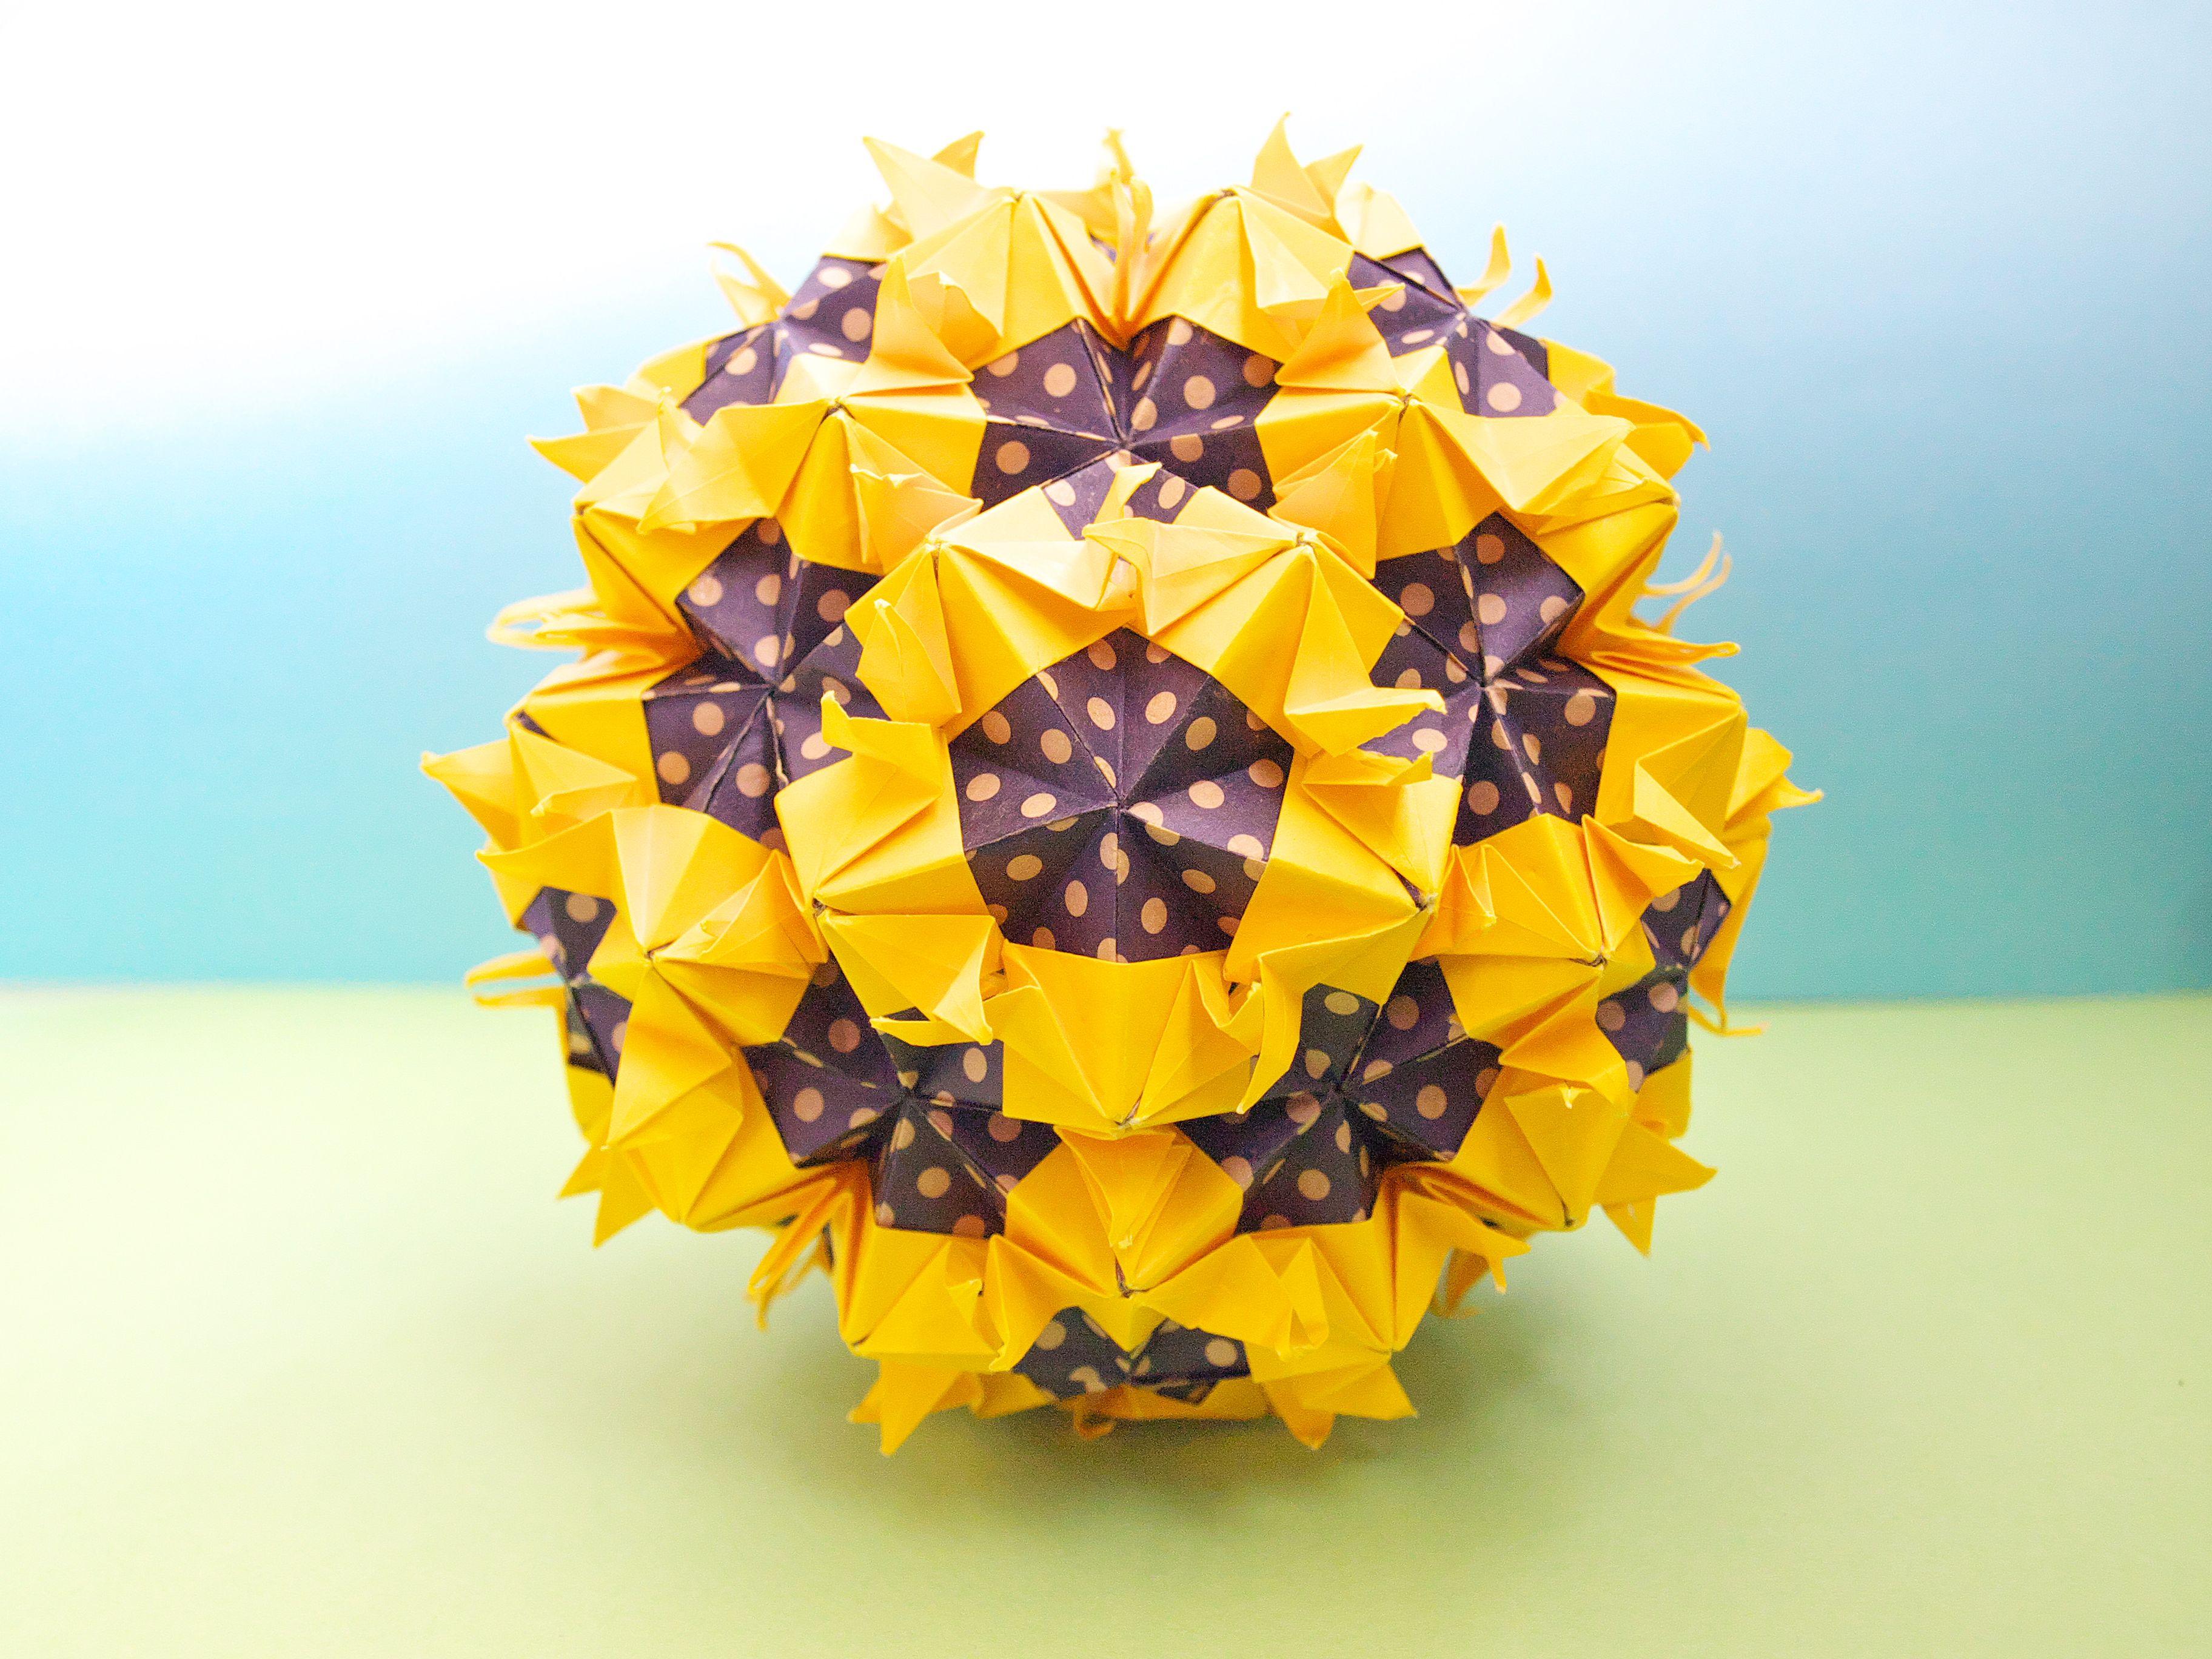 カワイイ「くす玉」の作り方17選!折り紙 ...